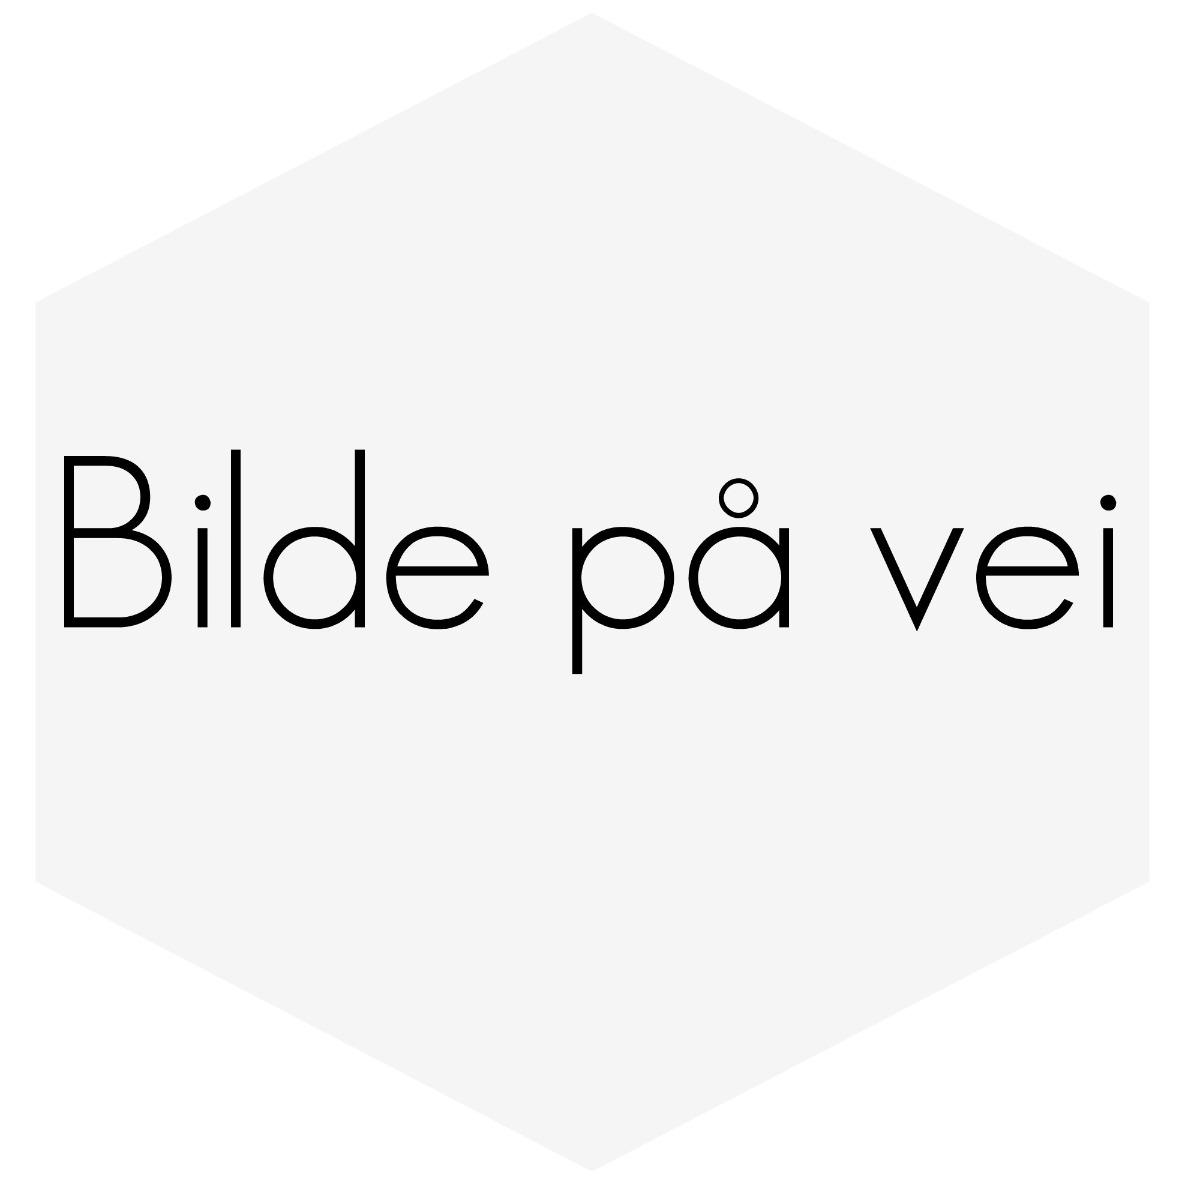 ENDELEDD MITTSTAG HØYRE SIDE AMAZON>68 PV/DUETT